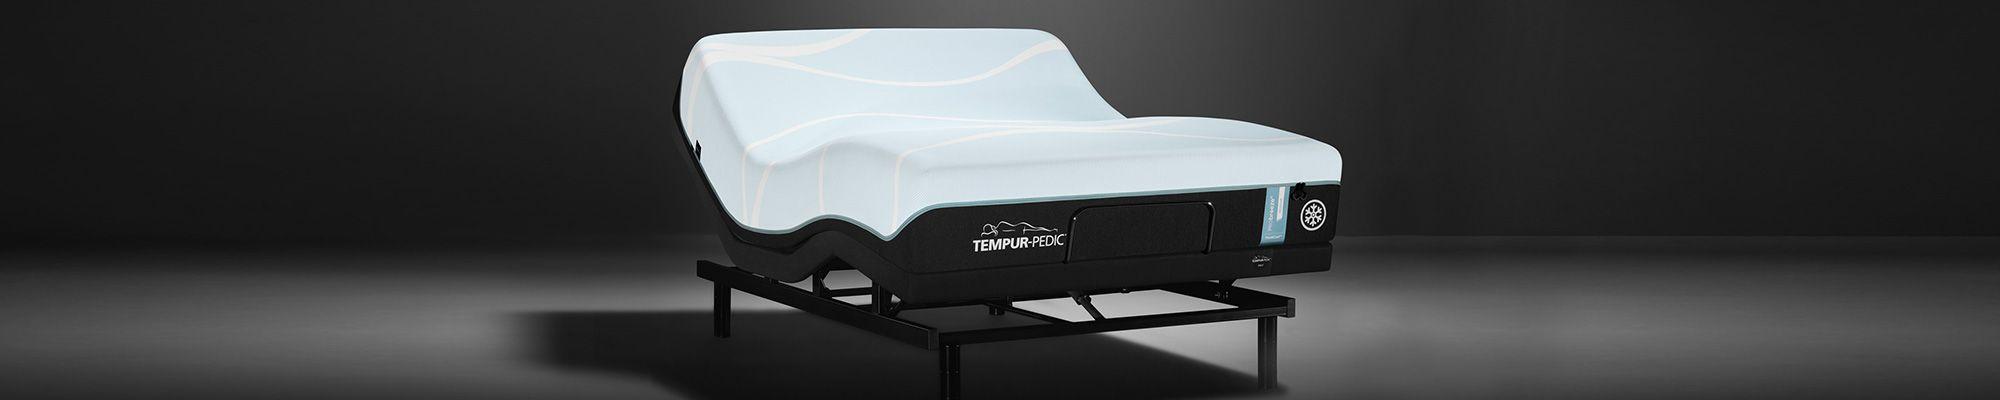 Tempur-Pedic adjustable mattress